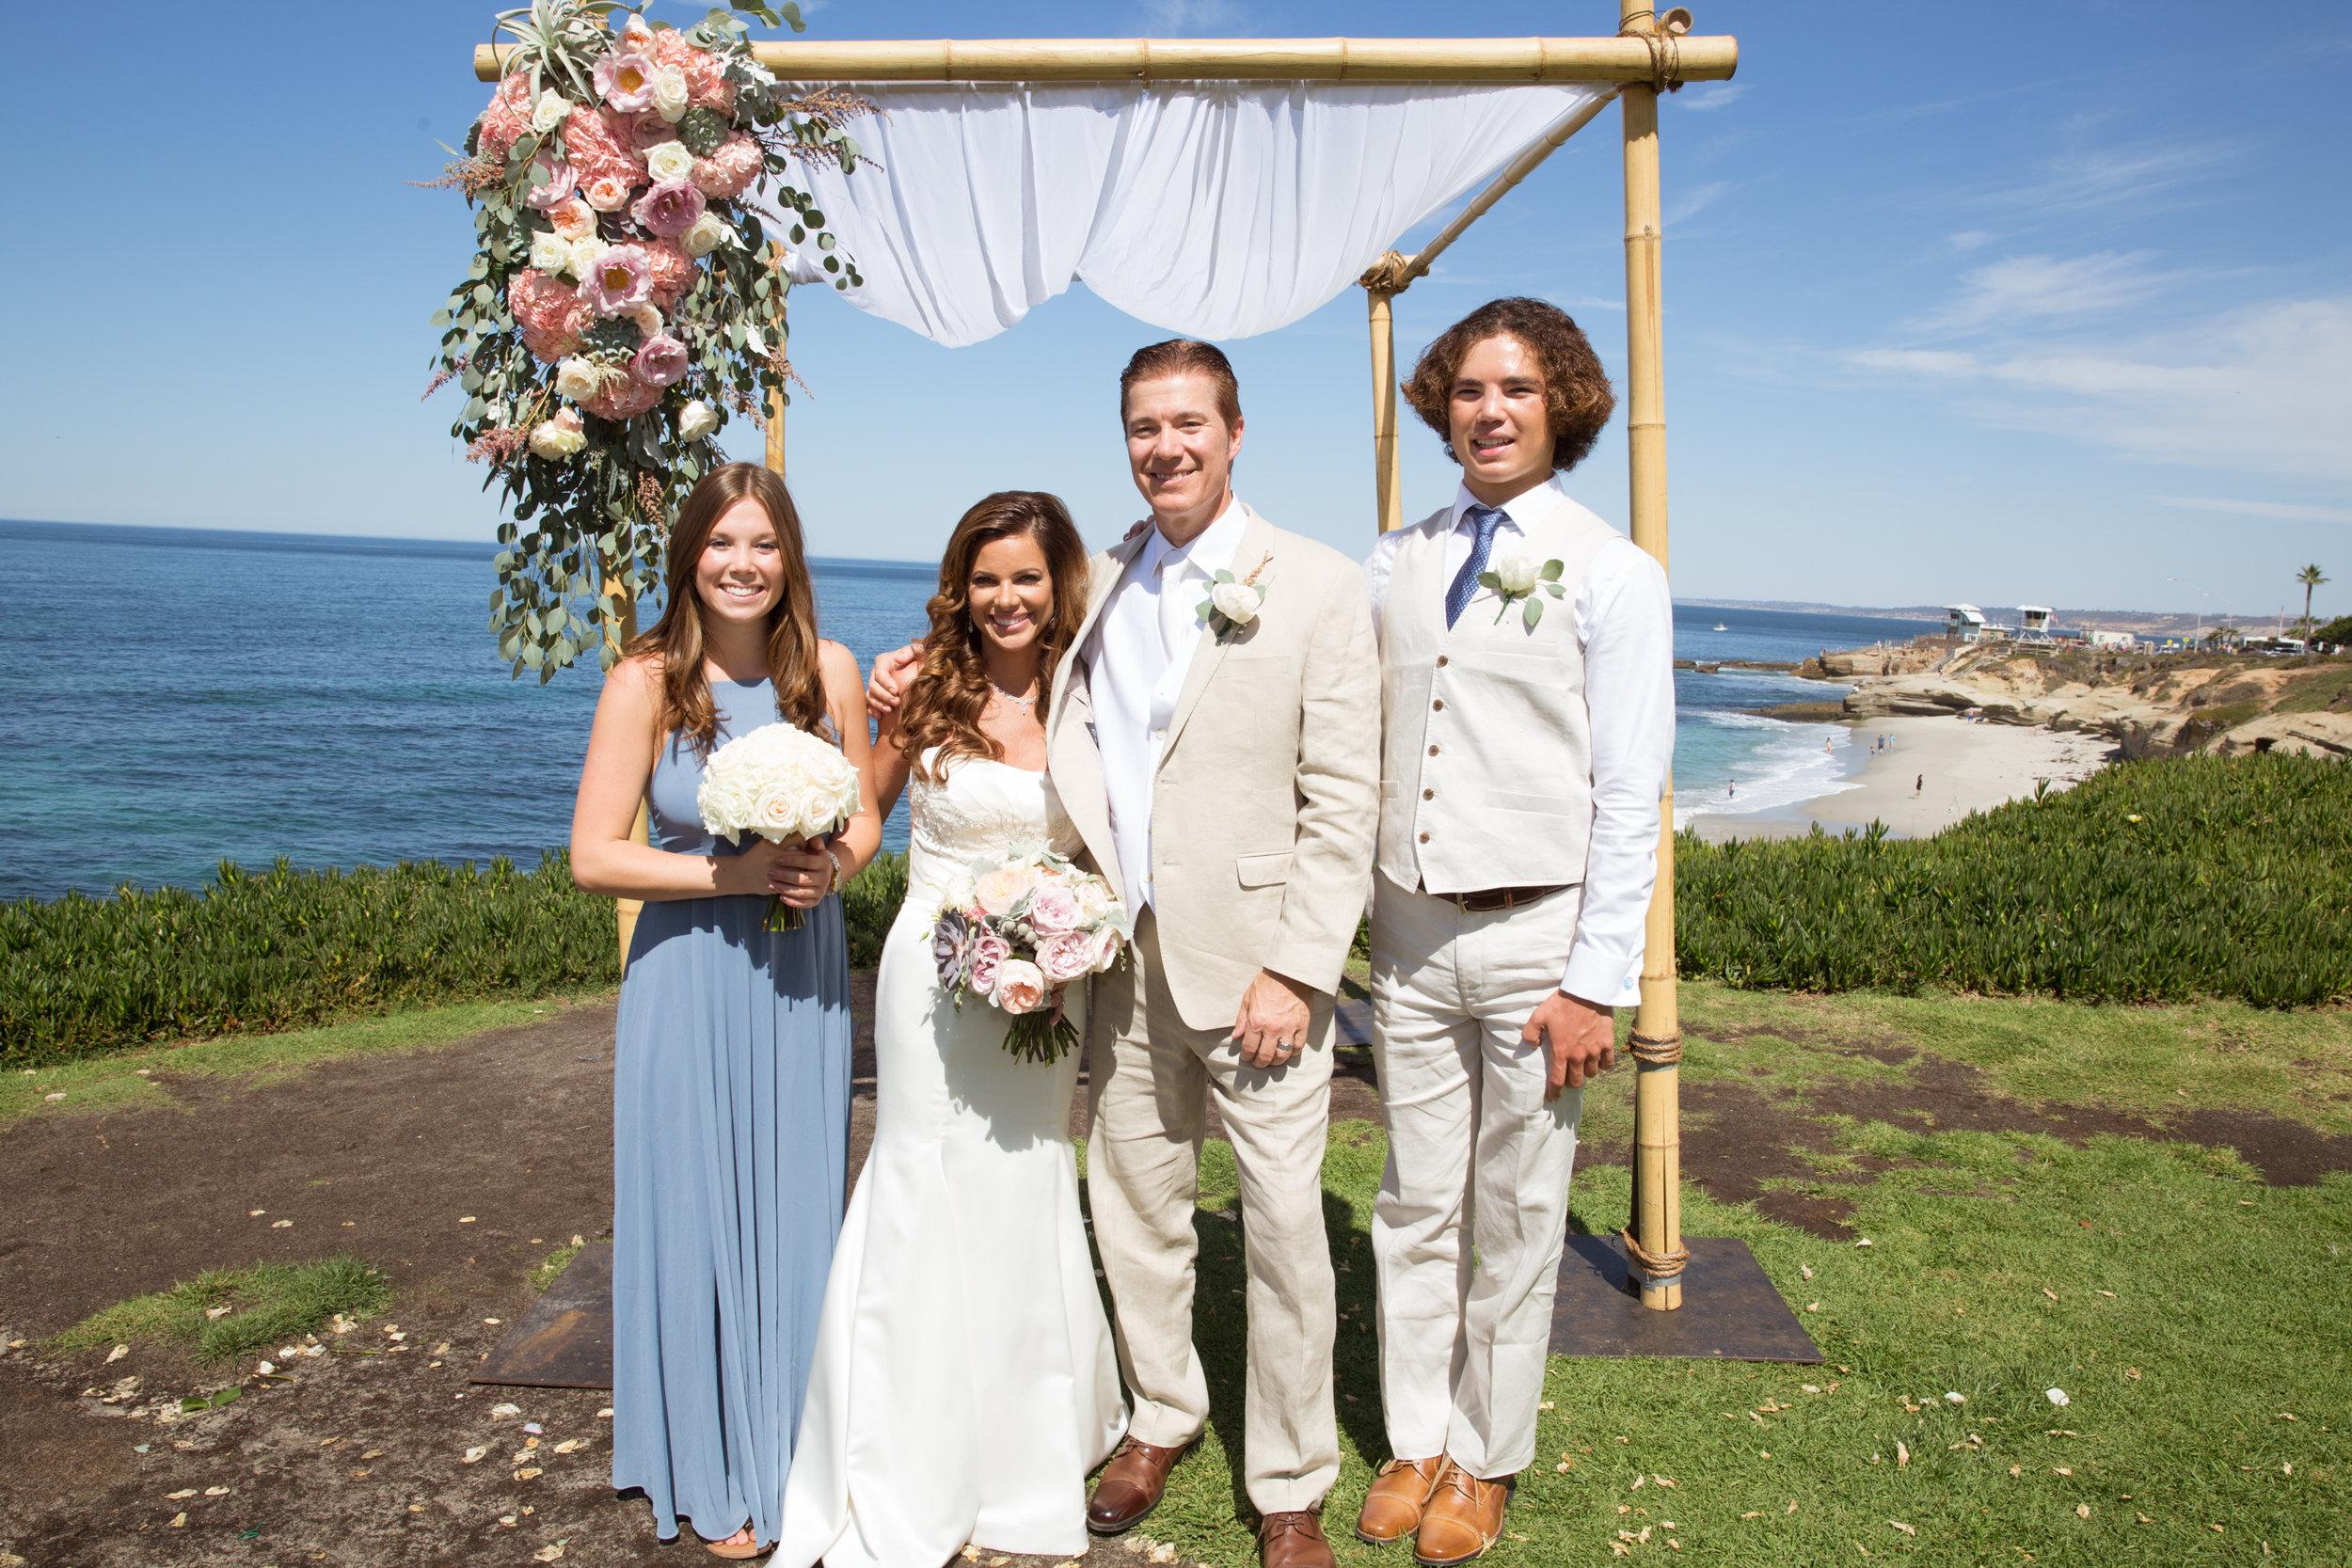 la jolla wedding-14.jpg